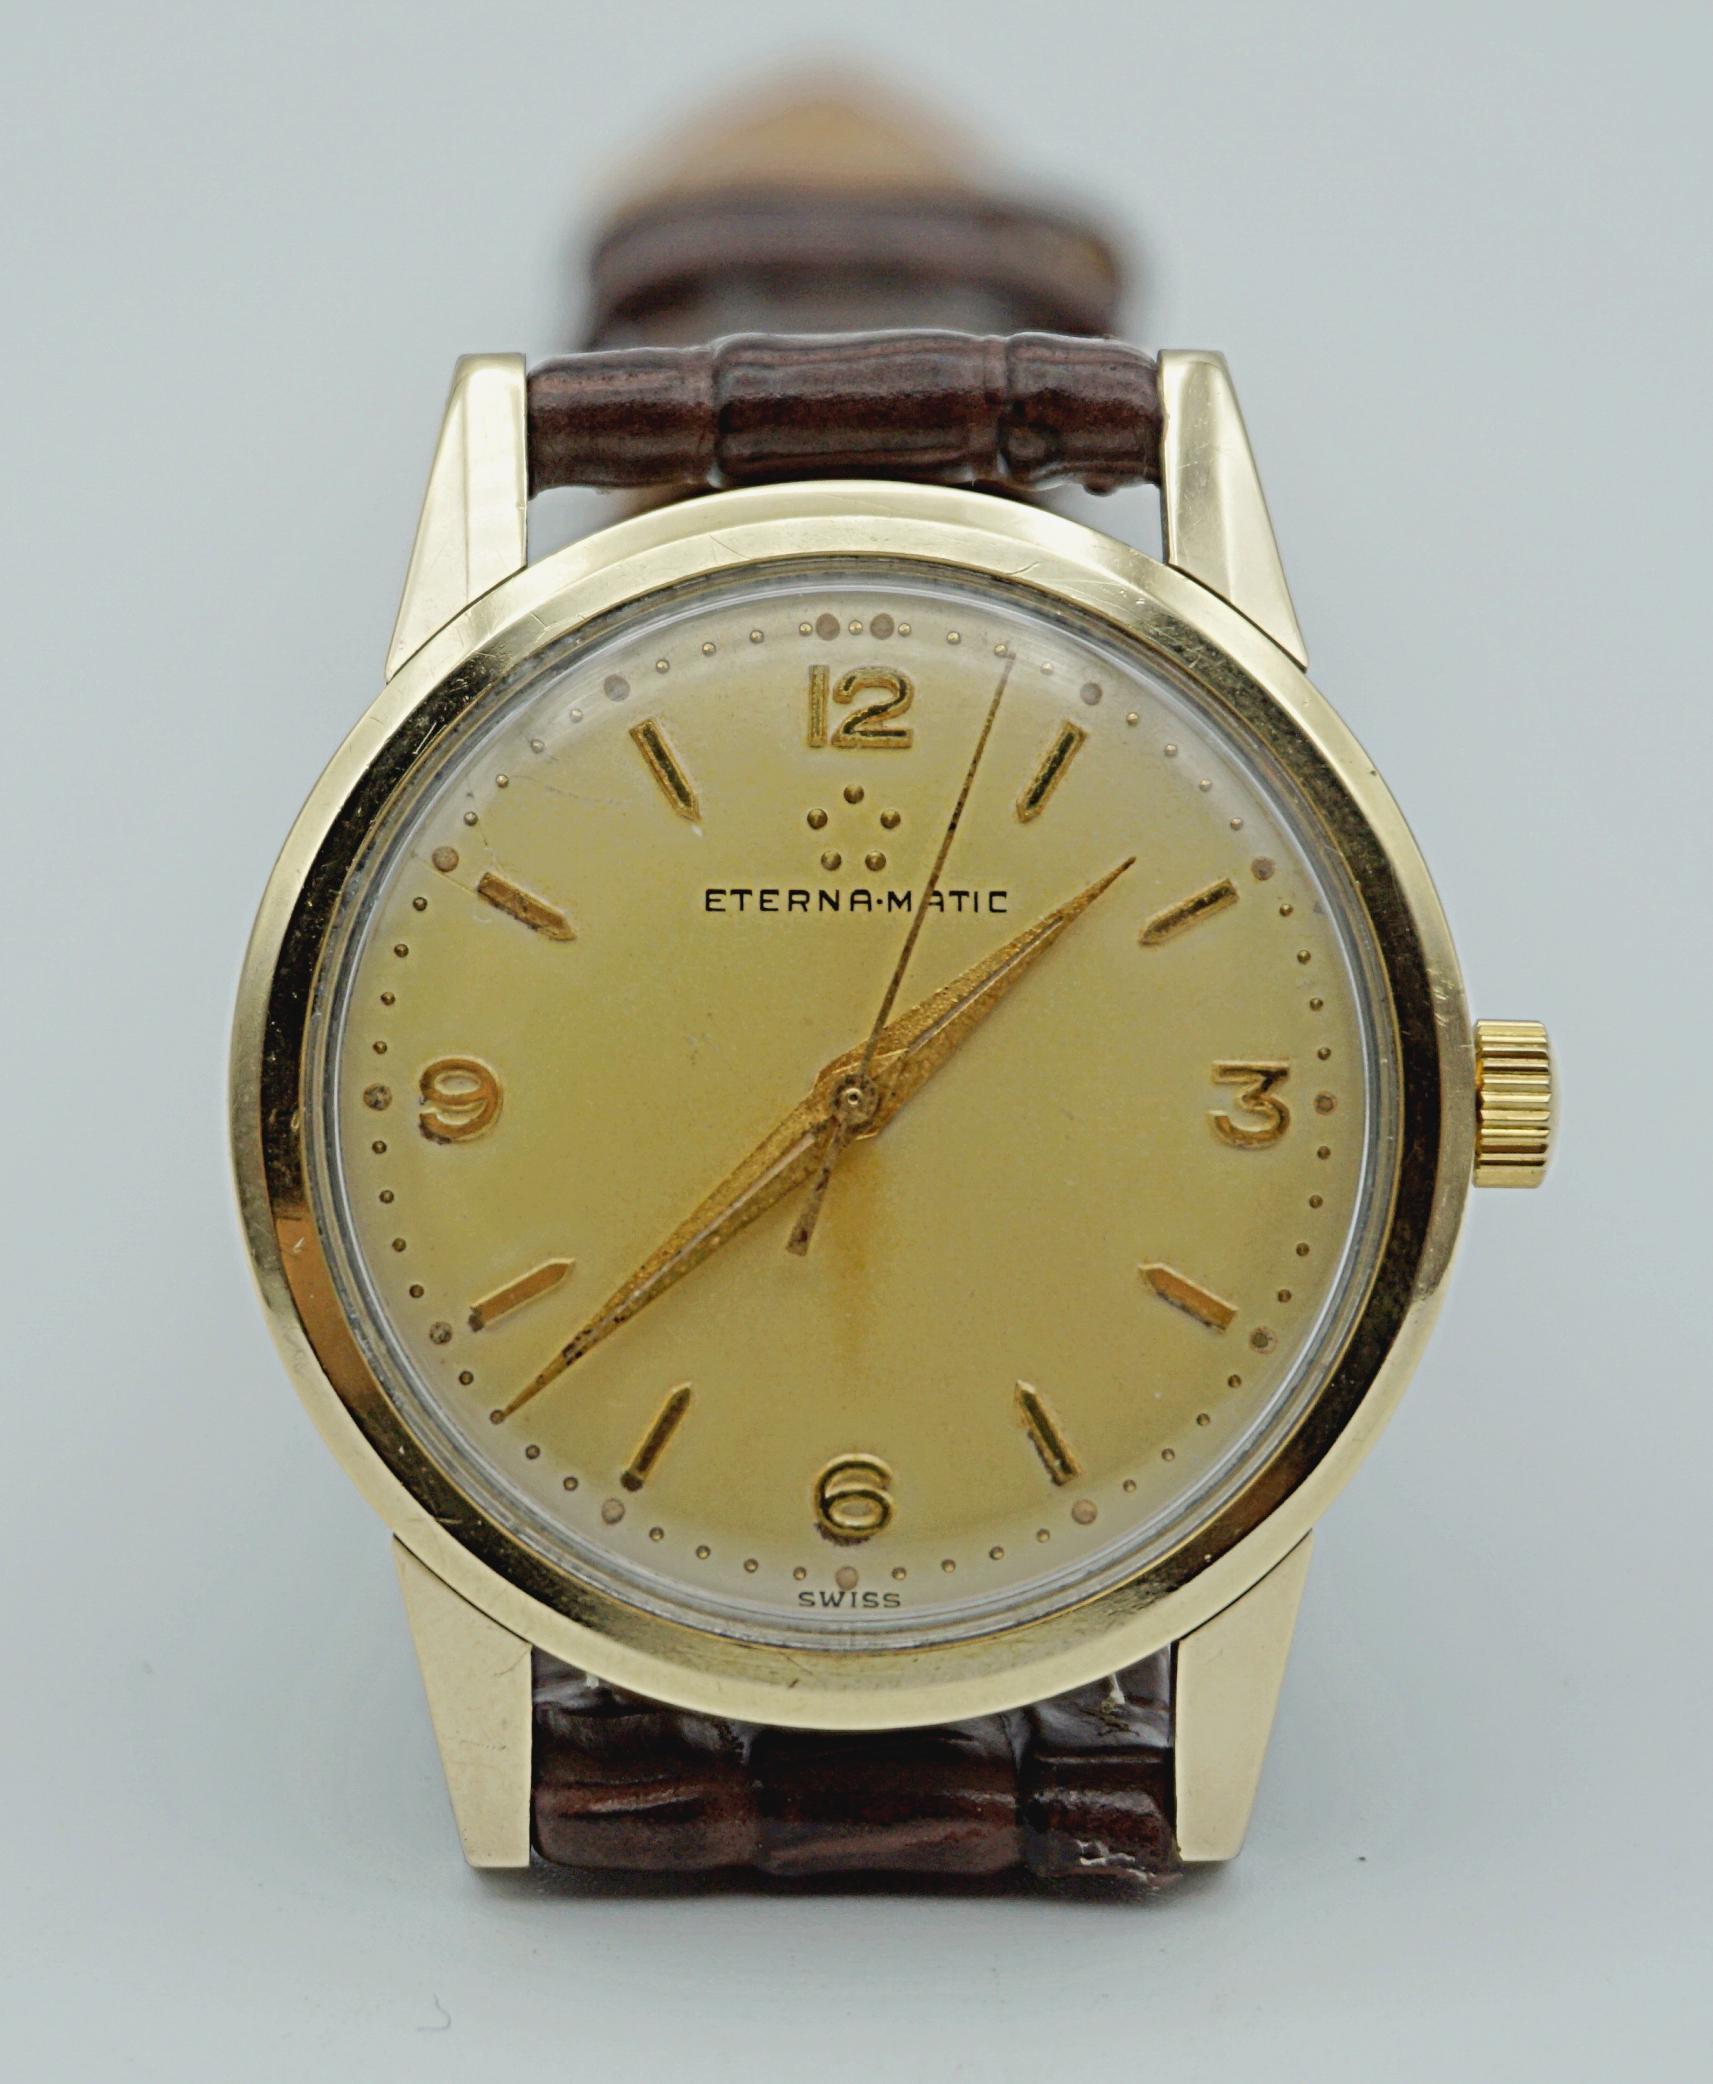 นาฬิกาเก่า ETERNA ออโตเมติก